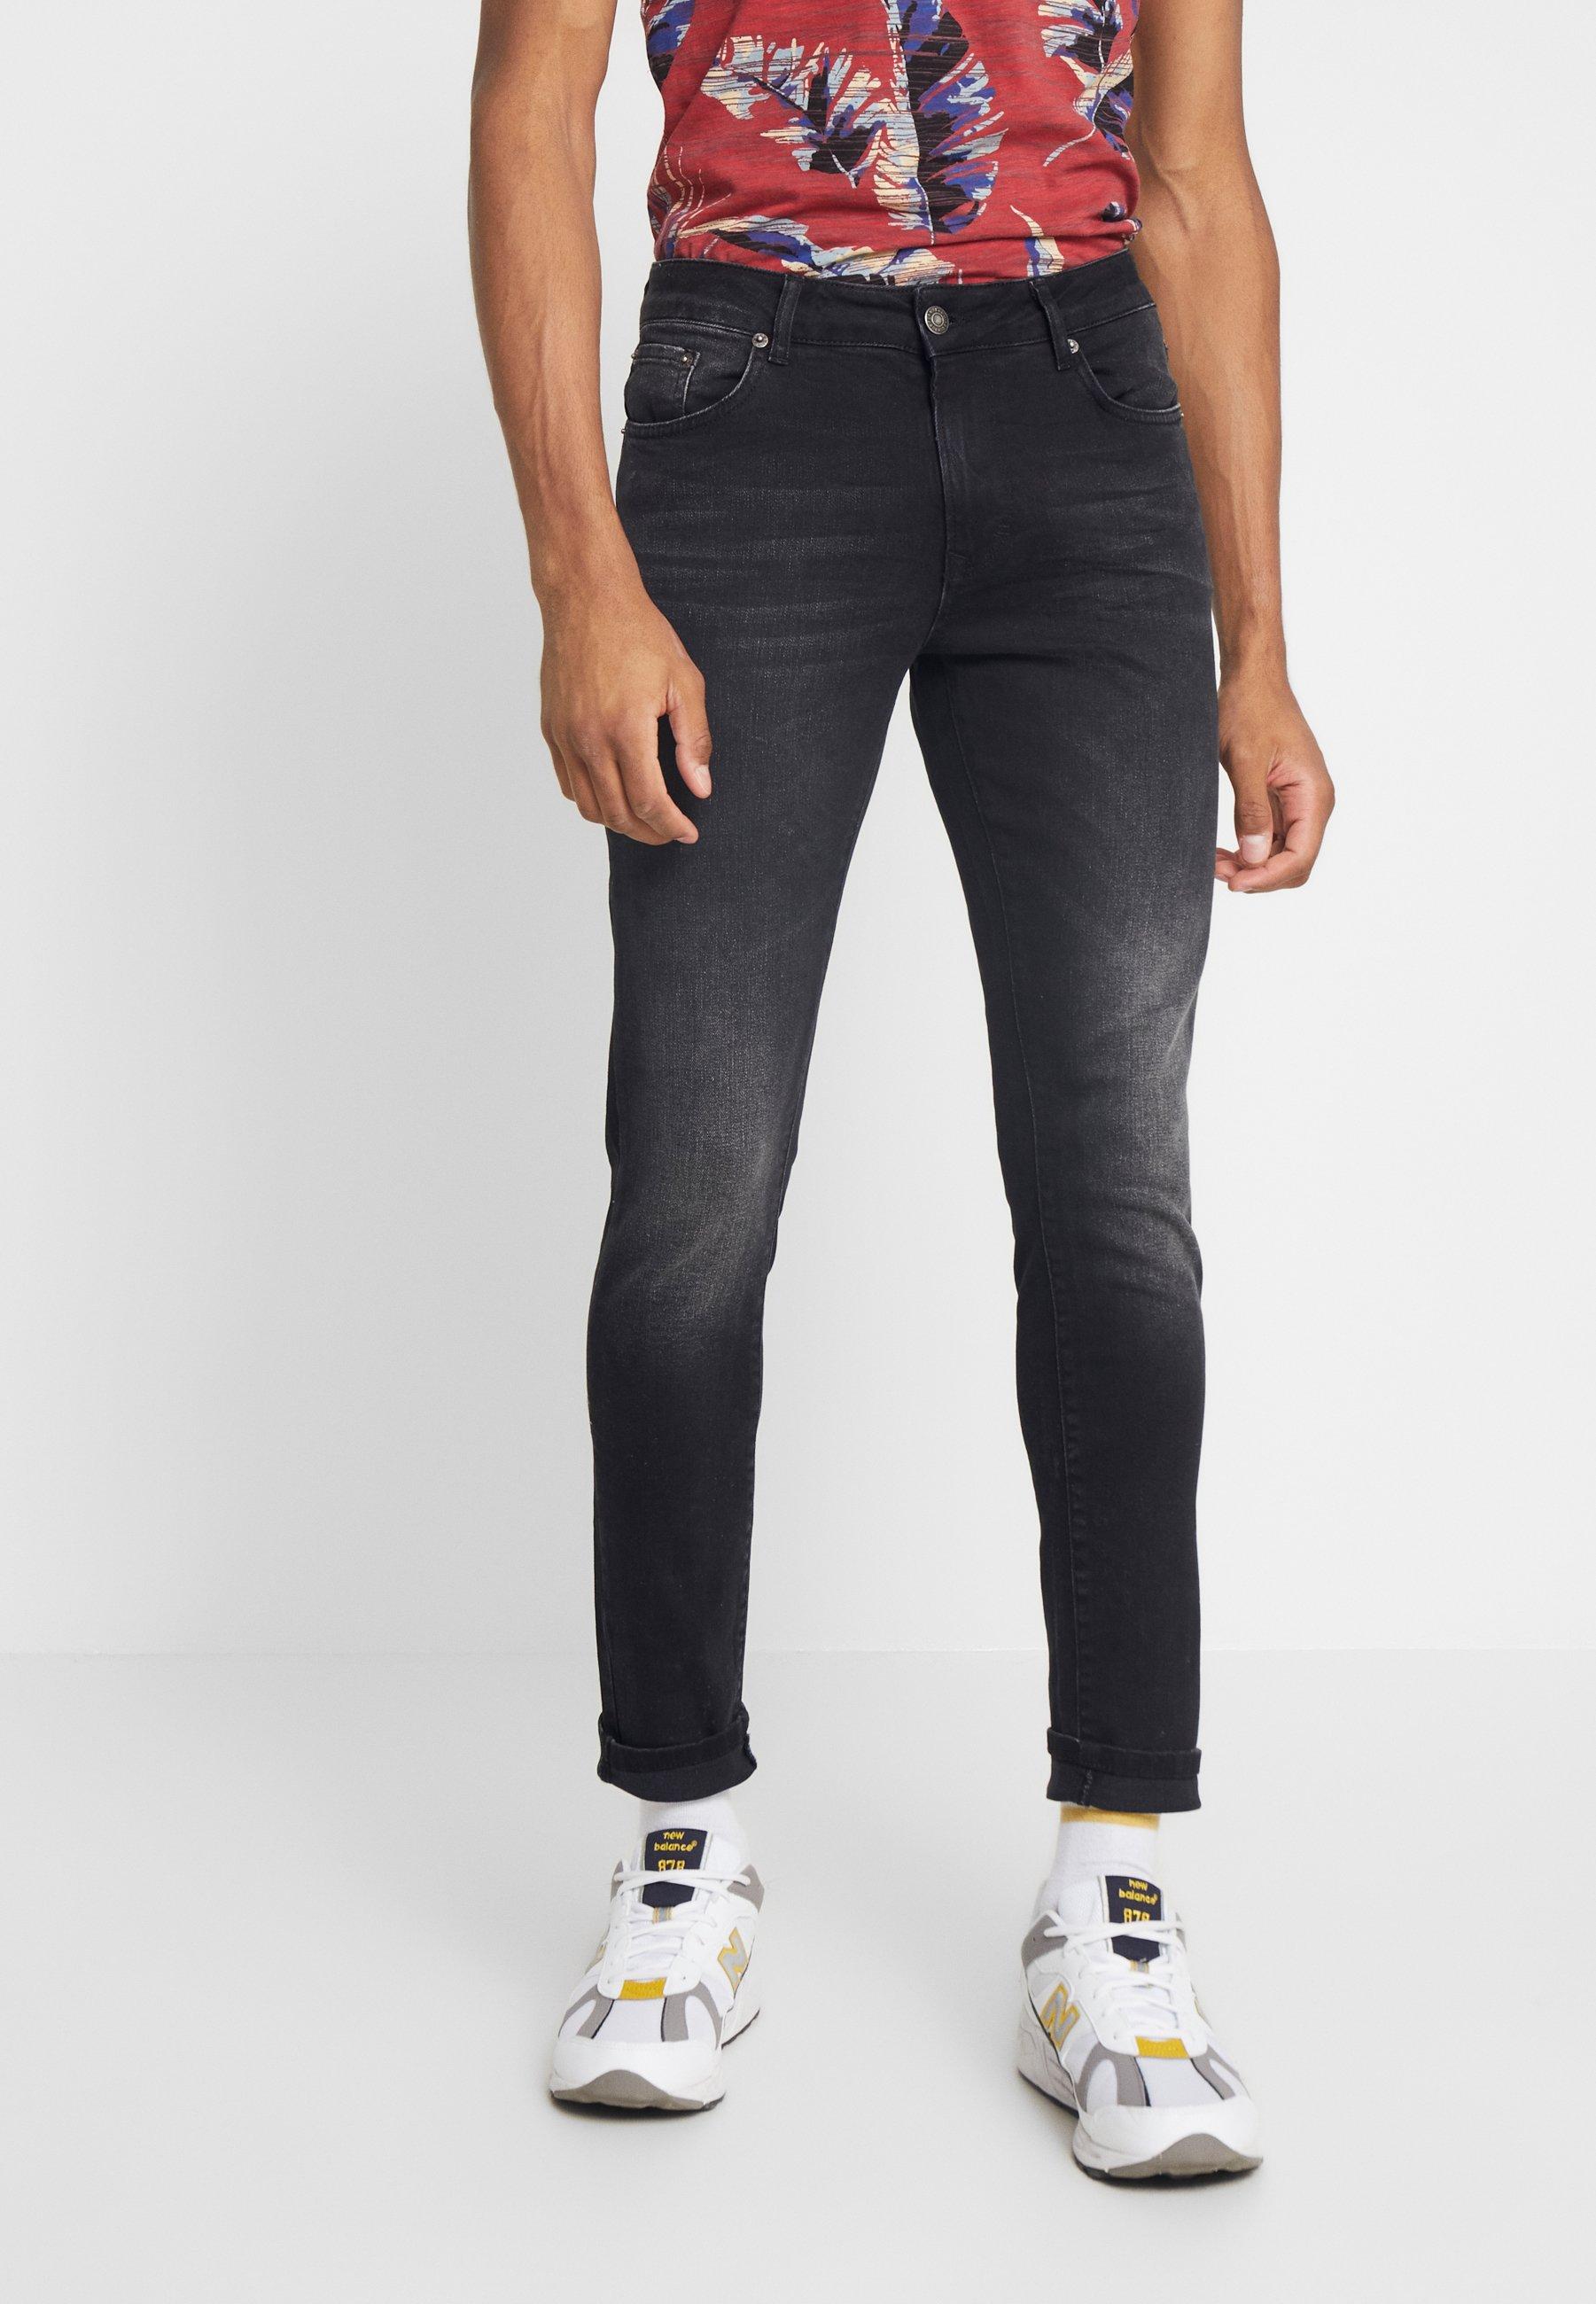 SkinnyBlack Denim Jeans Yourturn Yourturn SkinnyBlack Yourturn Jeans Jeans Denim Jeans SkinnyBlack Yourturn Denim SkinnyBlack eIWDH29EY